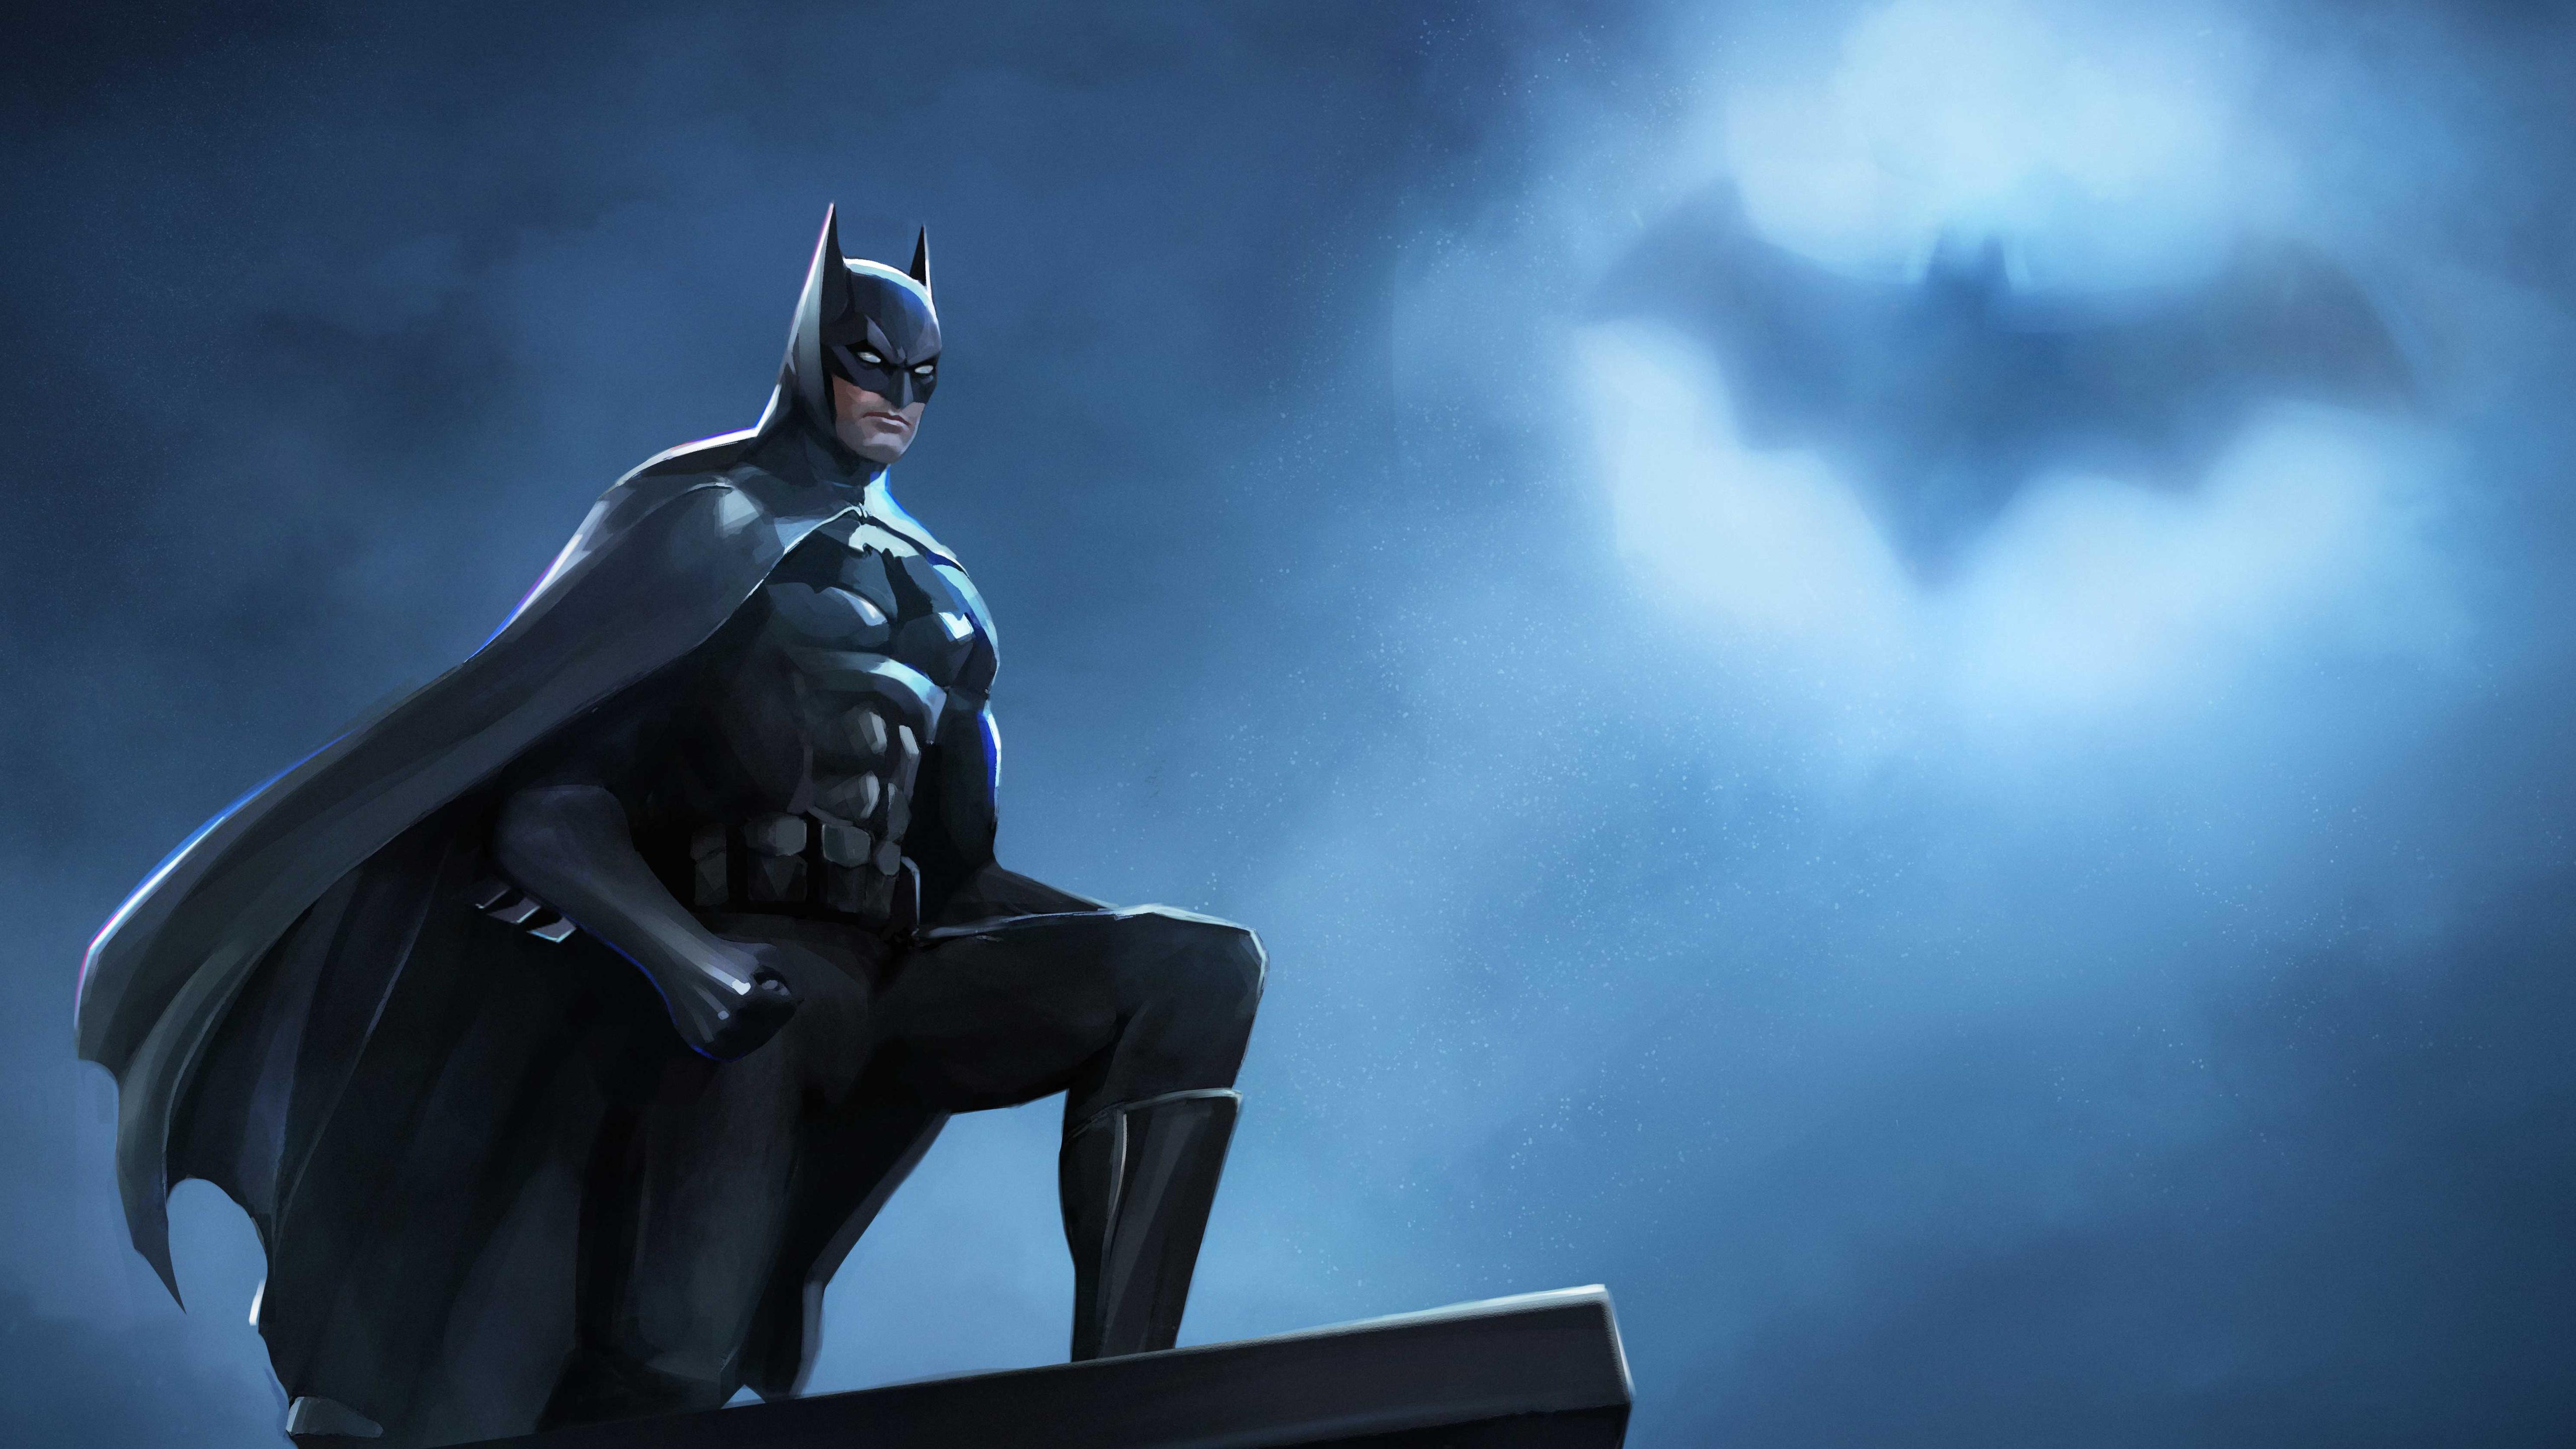 batman-5k-2020-ft.jpg